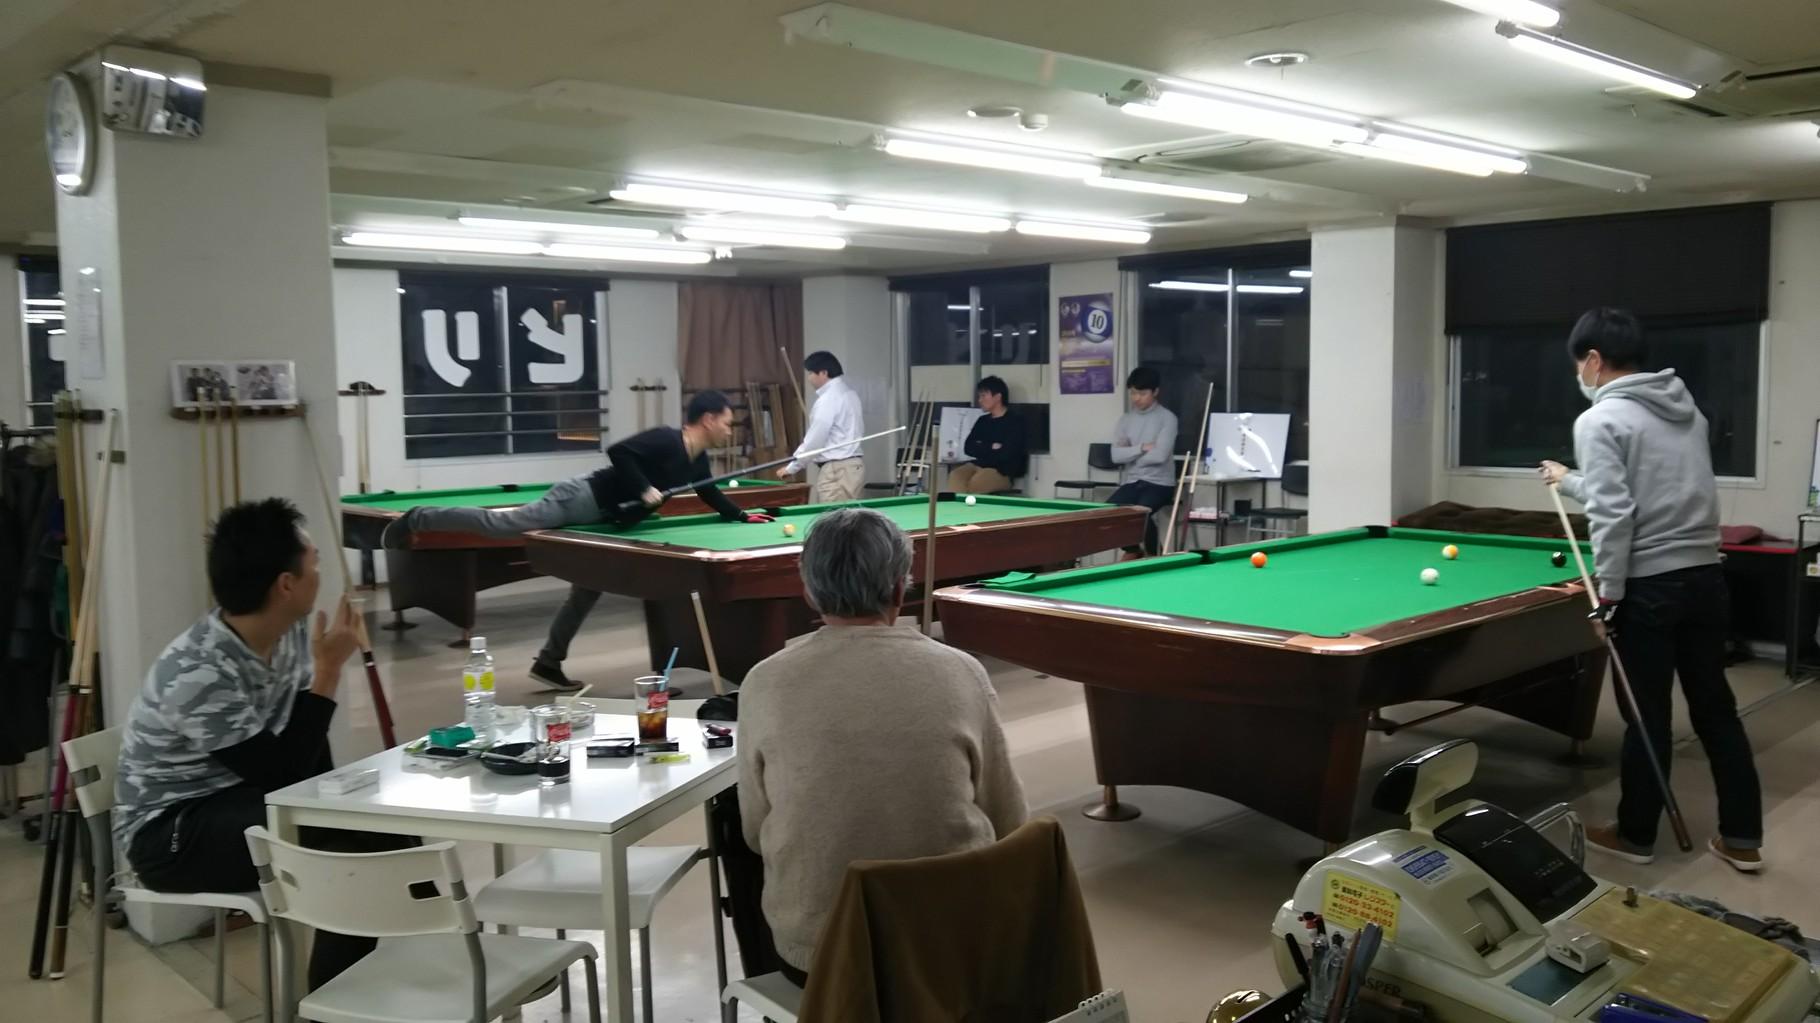 こちらも観覧風景です。辻野さん、いつもの席にすわり、真剣に試合している人たちにチャチャ入れてます。